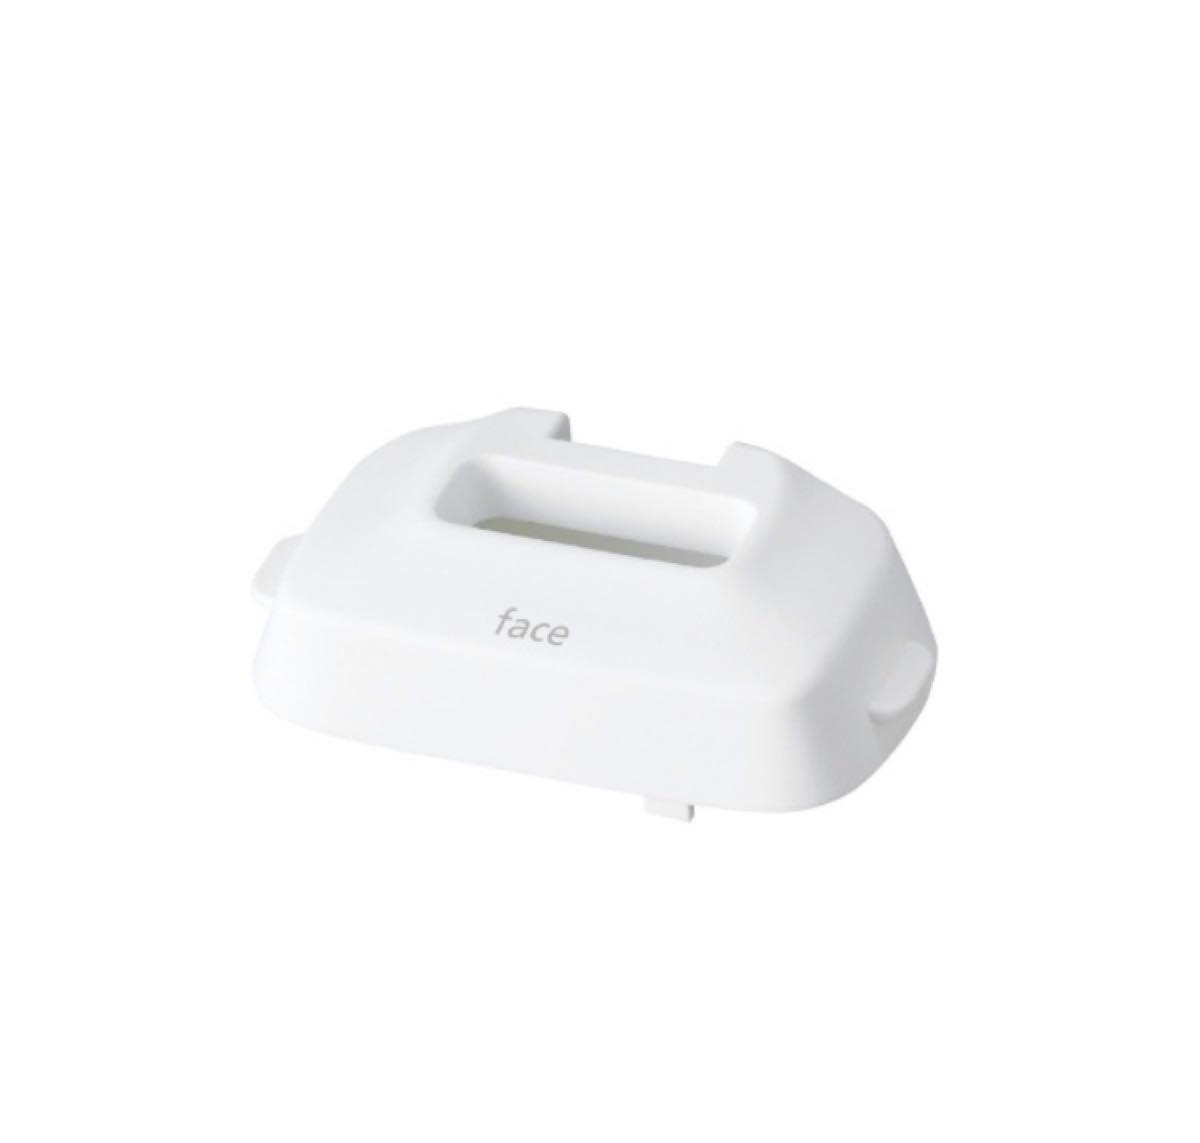 パナソニック Panasonic ES-WP87-N 光エステ ゴールド 新品未使用 送料無料